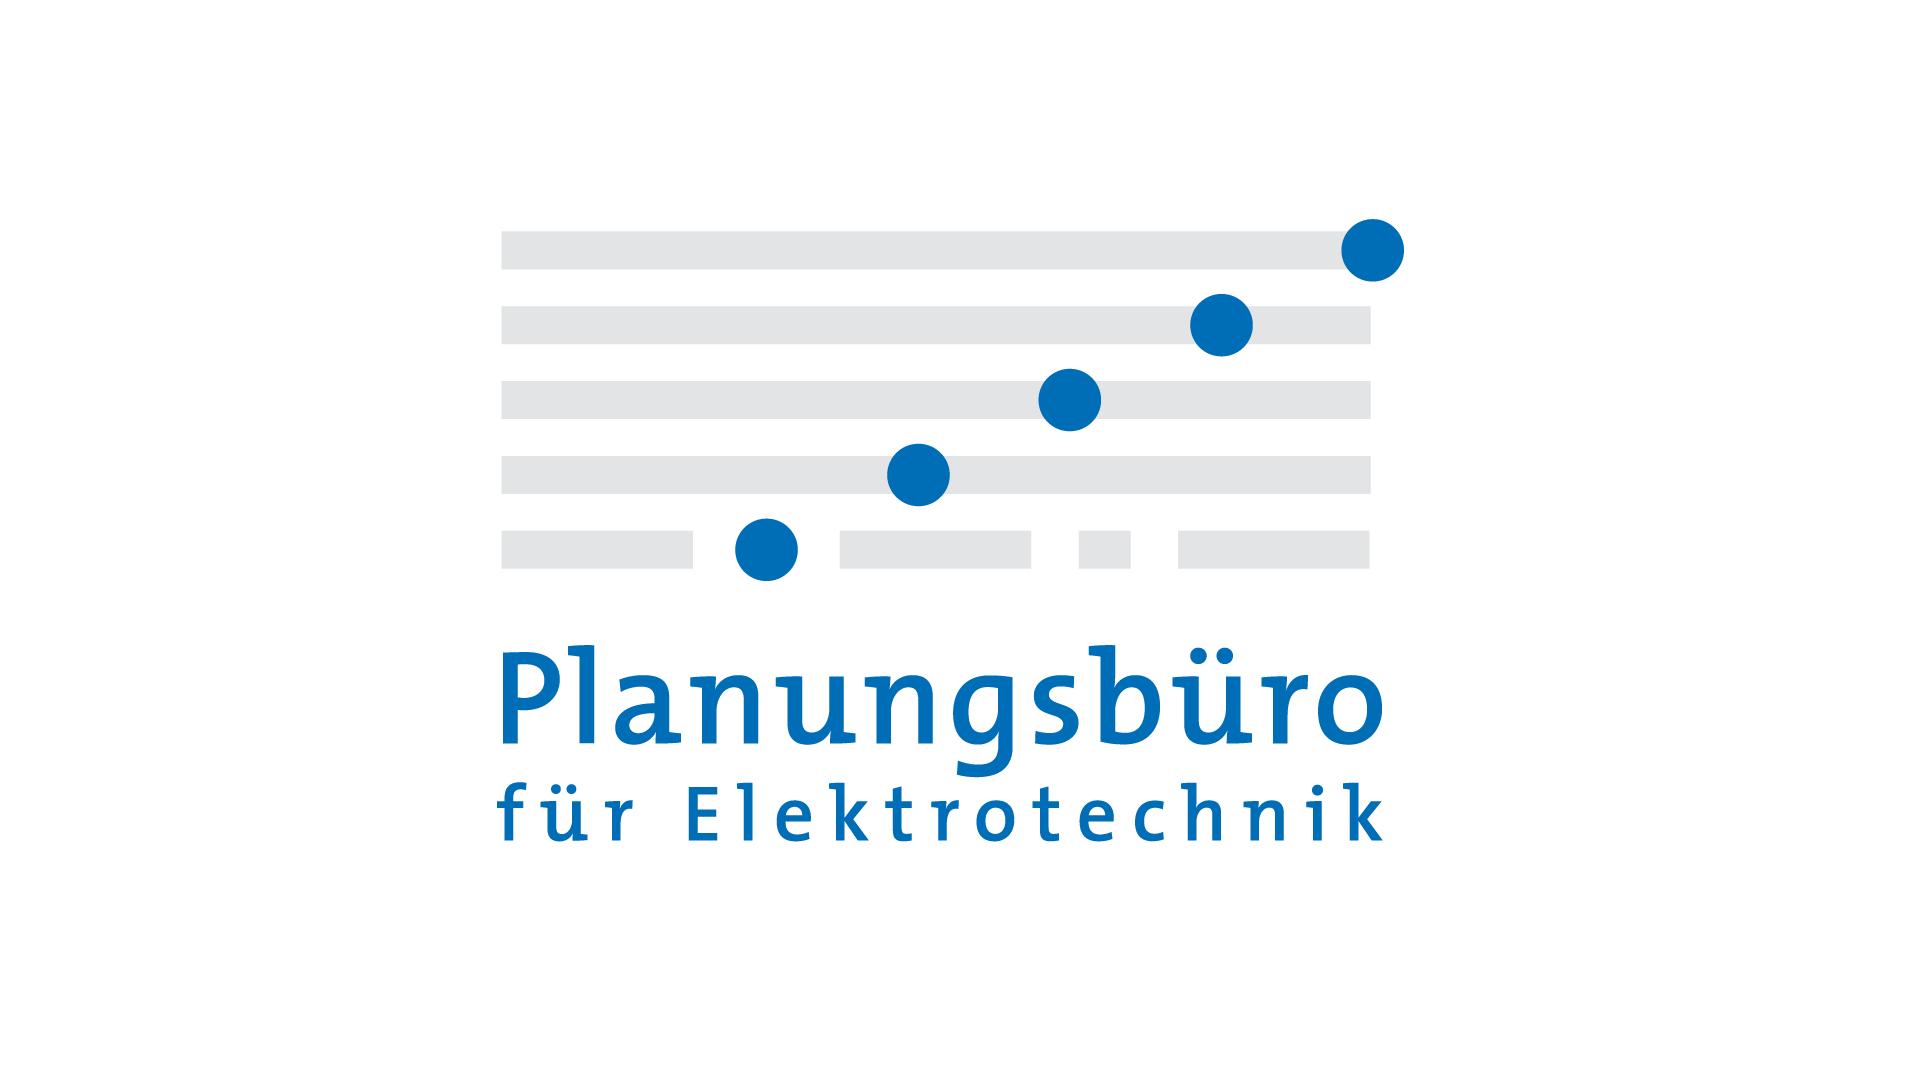 Planungsbüro für Elektrotechnik, Logo, Geschäftspapiere, Web